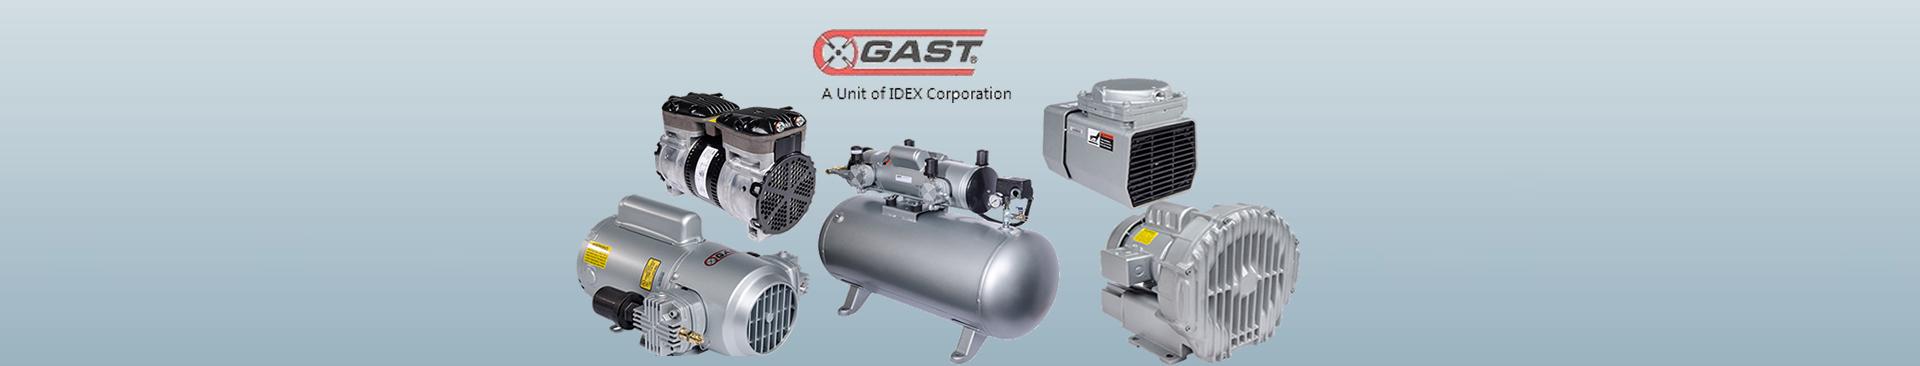 Gast气动马达,空气压缩机,真空泵